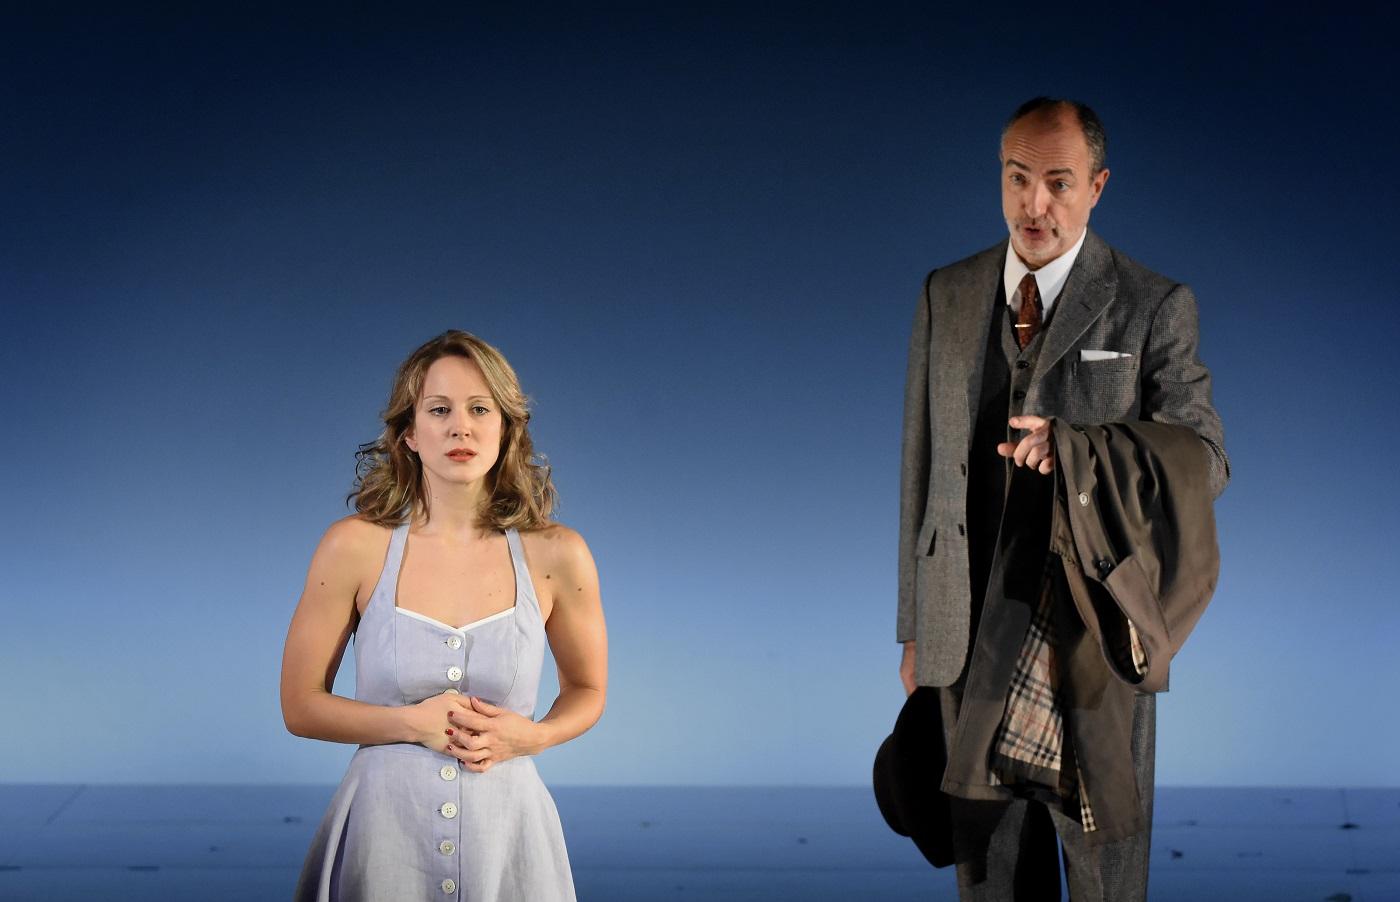 """""""La Traviata"""" au Théâtre des champs-Elysées (19.11.2018) : Laurent Naouri (Baron Douphol) & Vannina Santoni (Violetta) / © Vincent Pontet"""